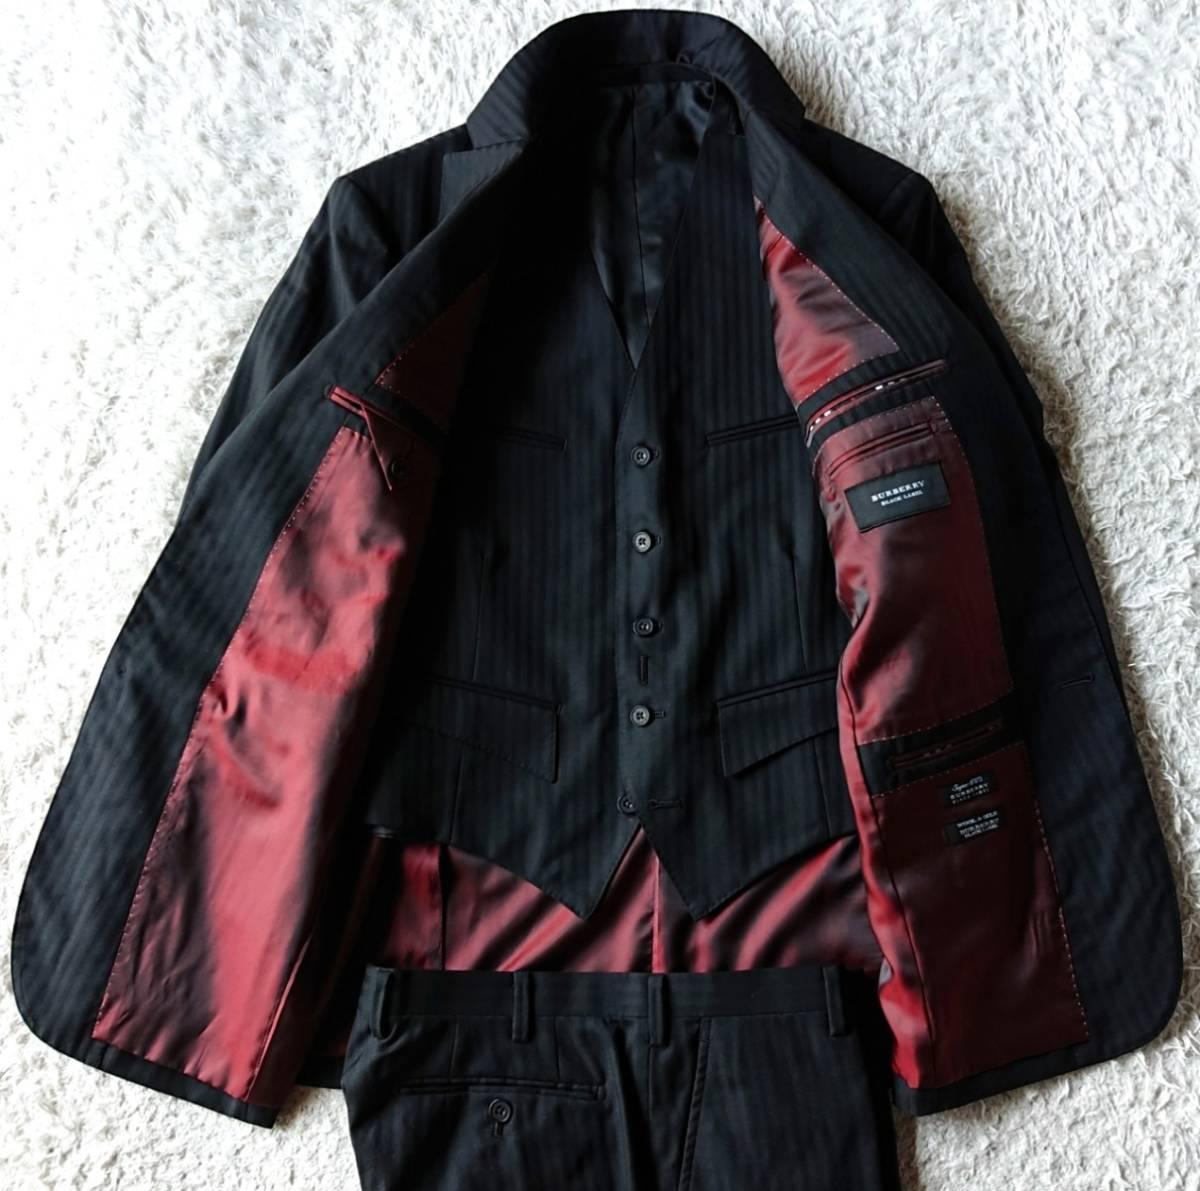 激レア希少 大人気赤 BURBERRY BLACK LABEL ★ シルク混 スリーピース バーバリー ブラック レーベル スーツ セットアップ メンズ ブラック_画像7